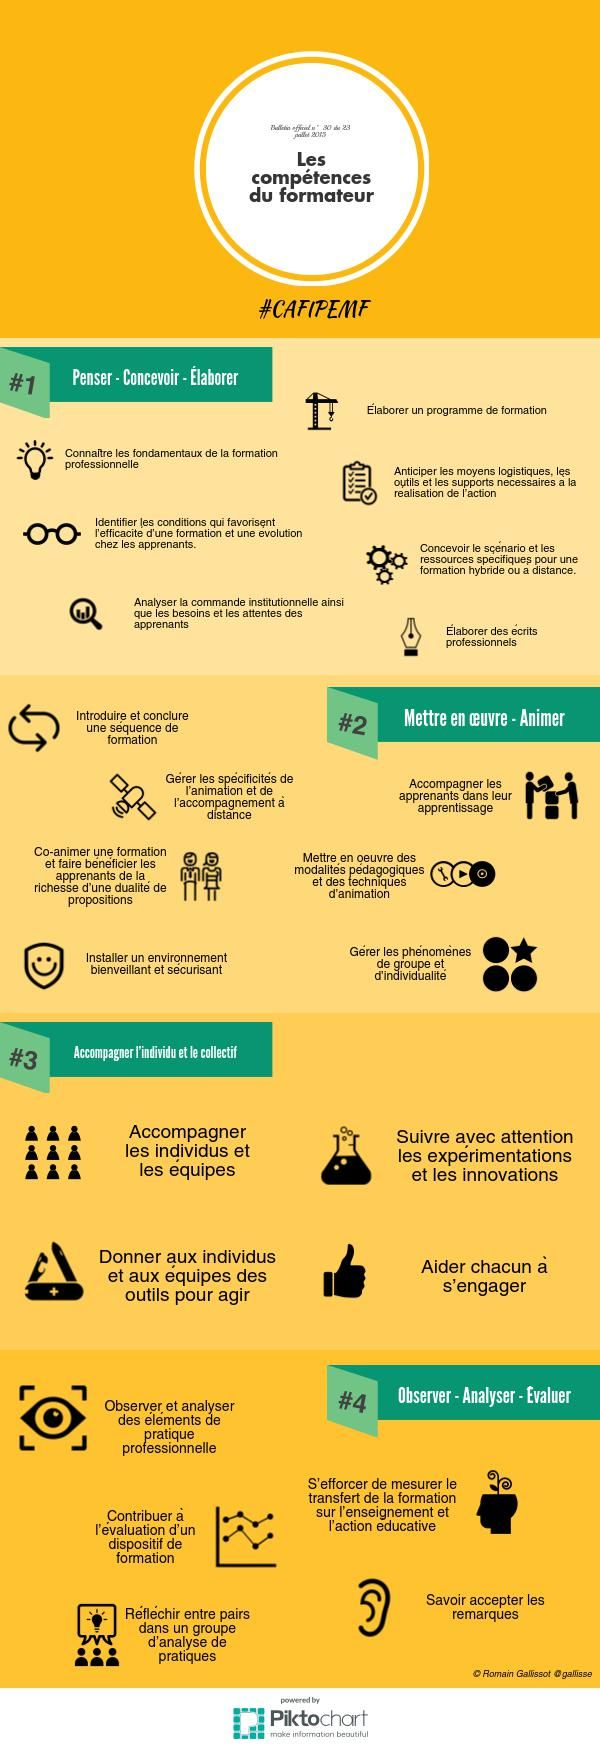 Compétences formateur #CAFIPEMF | Piktochart Infographic Edito